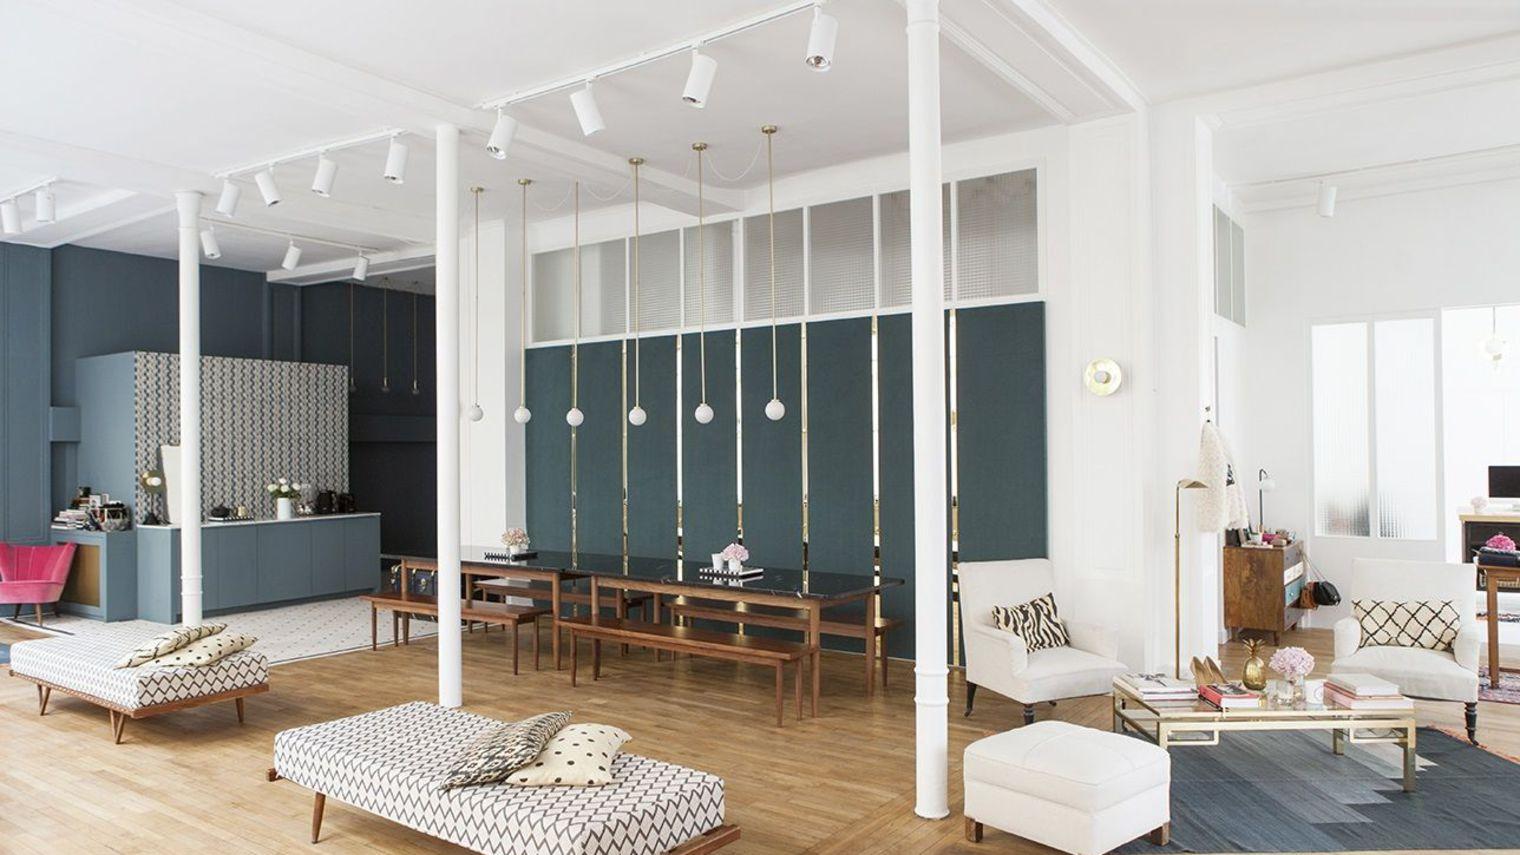 Achat appartement Paris : Je vous livre les raisons pour lesquelles j'ai choisi d'acheter un appartement à Paris